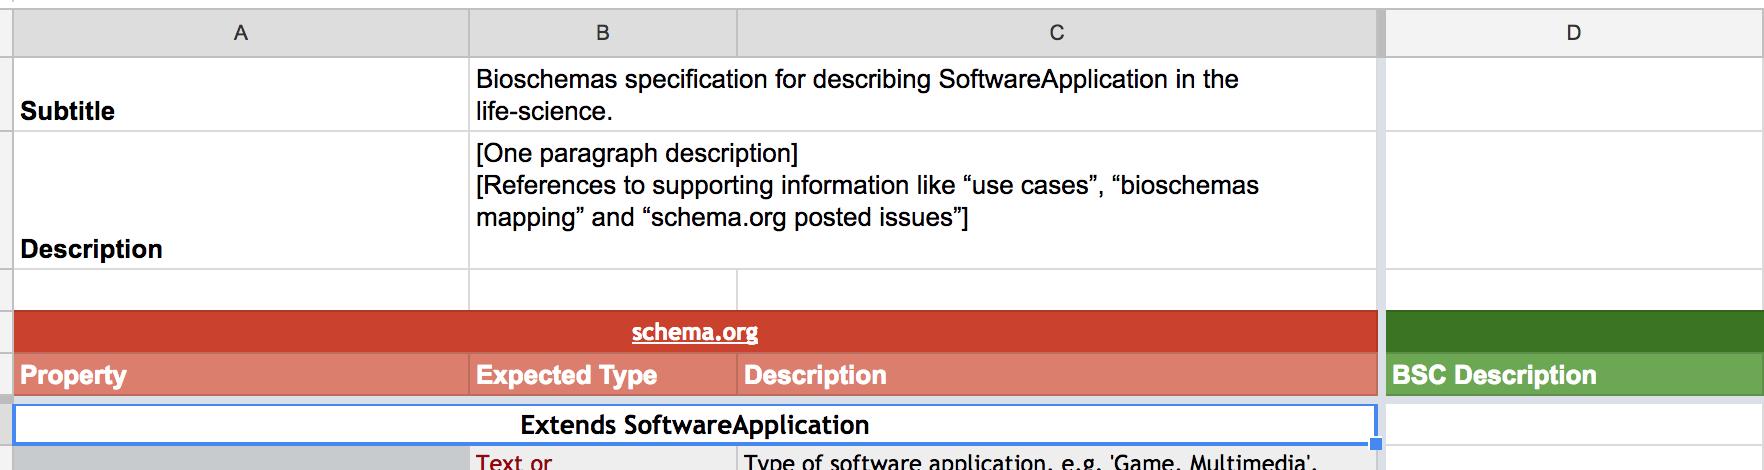 Schema.org extented Type